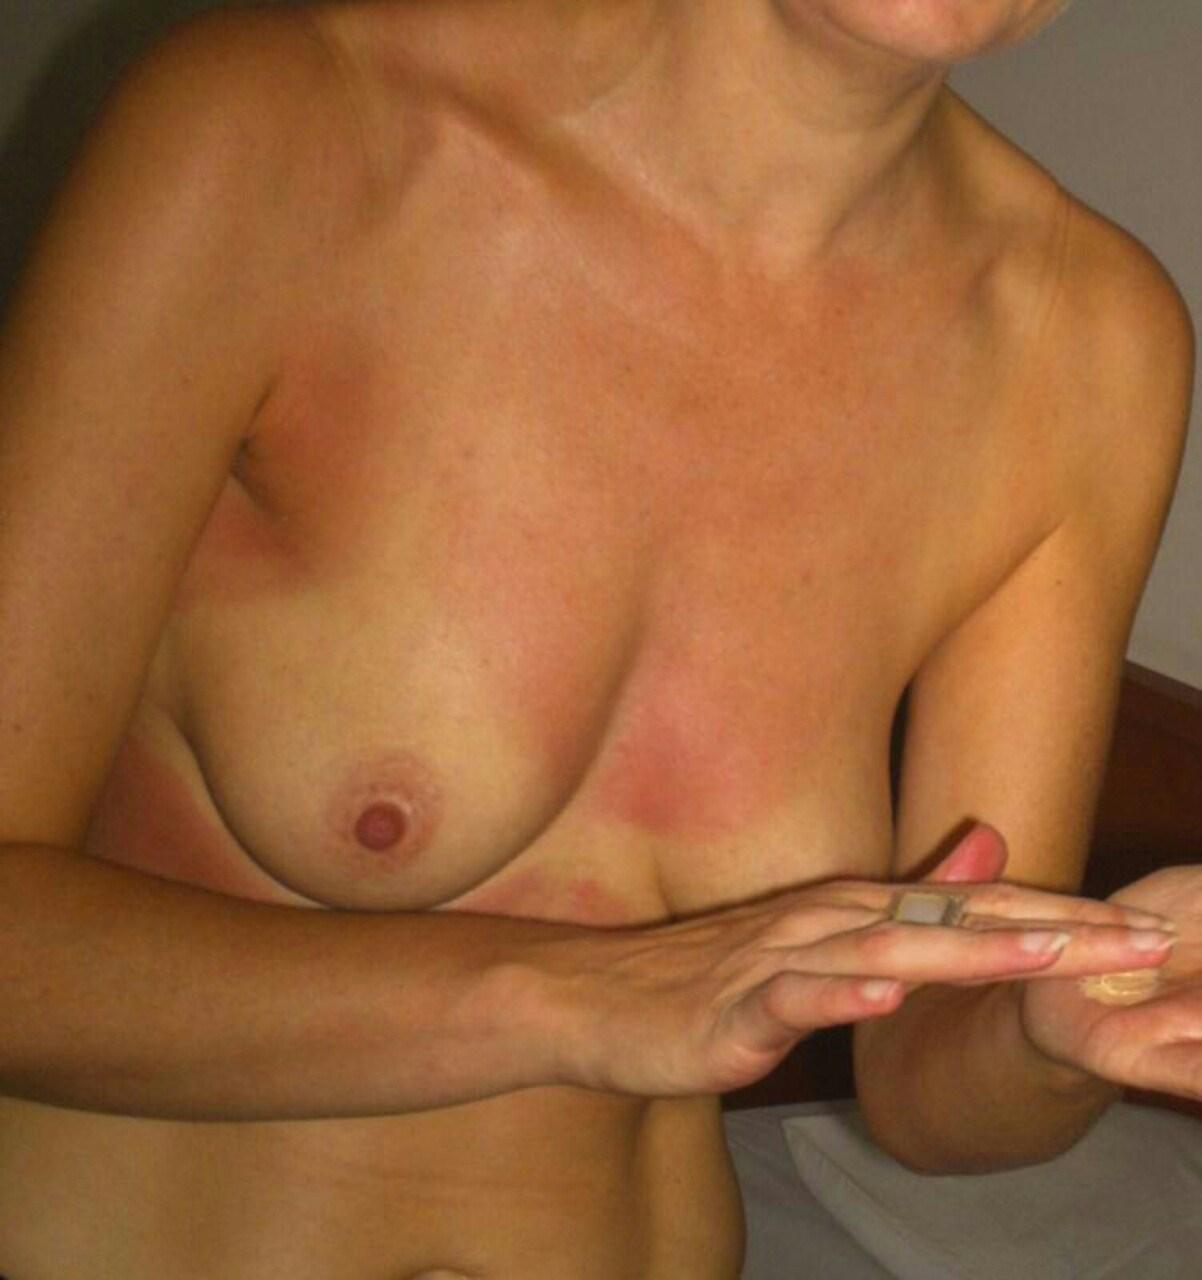 Rencontre infidele dans le 27 avec femme mature sexy